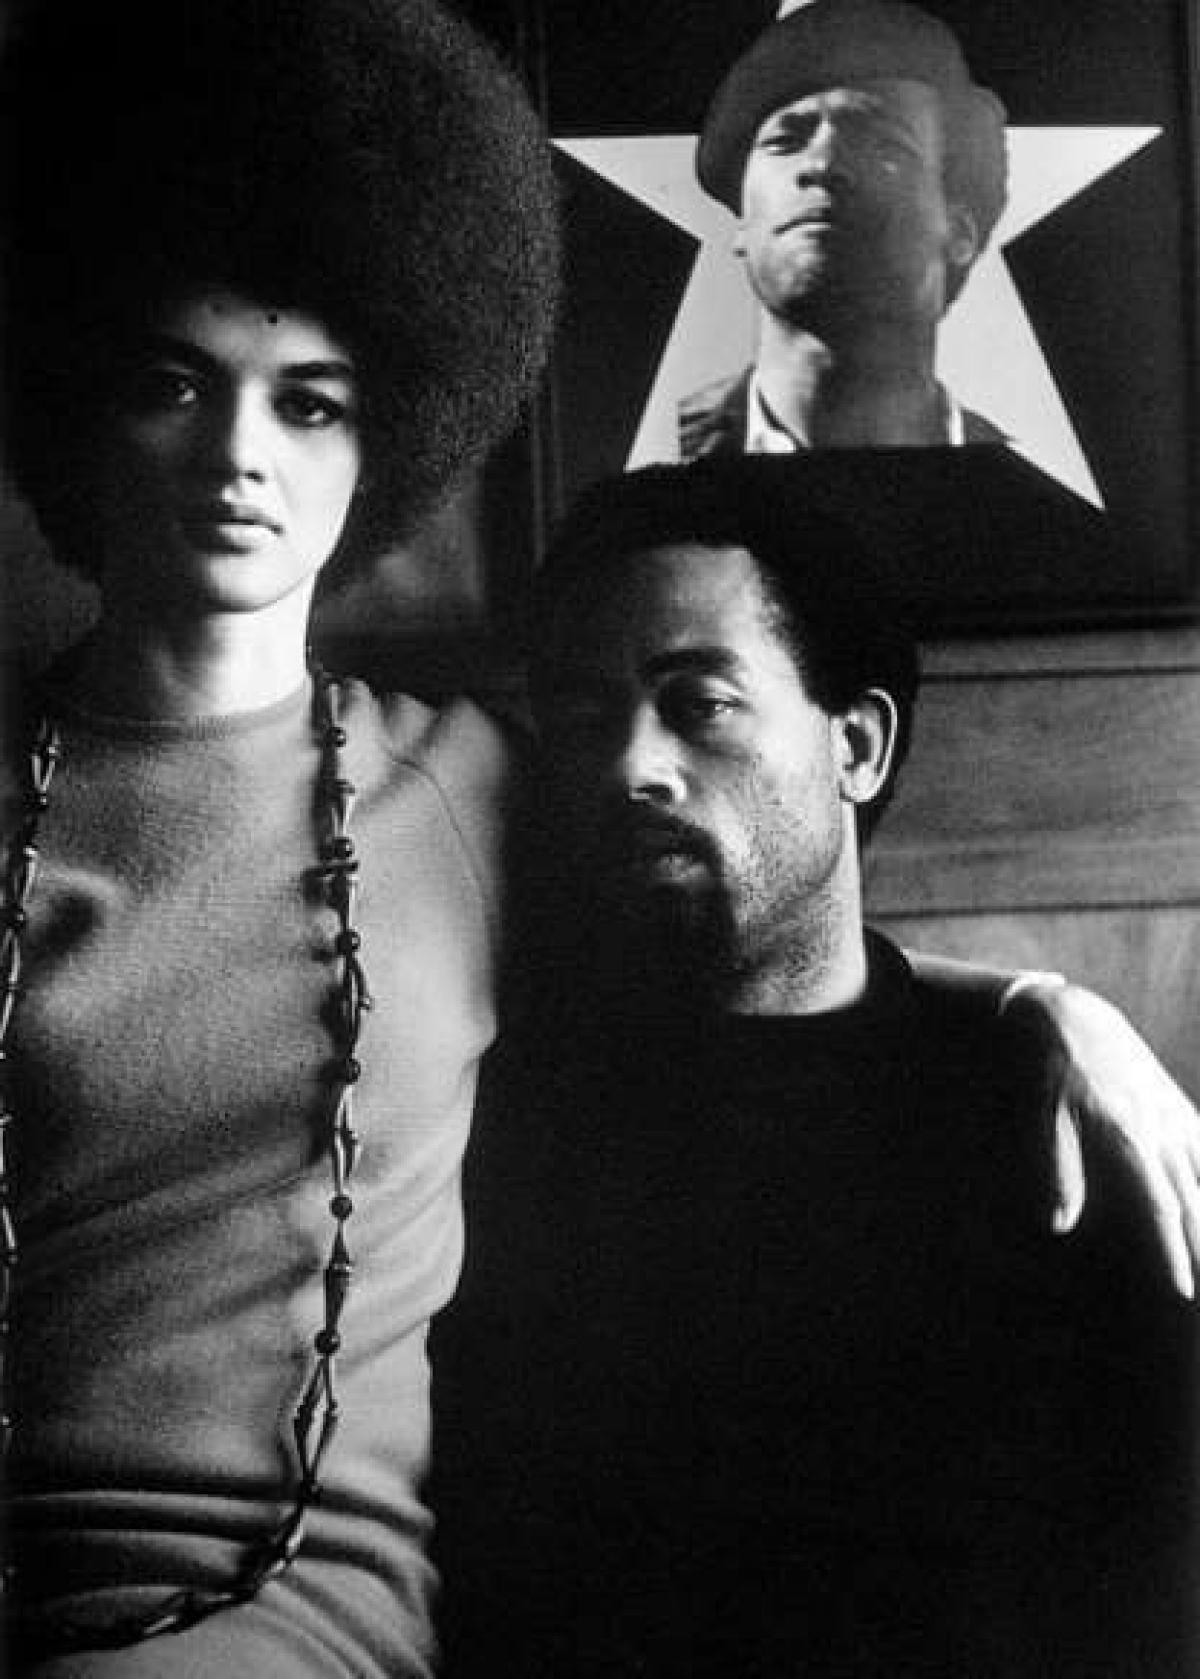 Nhiếp ảnh gia Parks đã dành hơn một thập kỷ để nghiên cứu tài liệu về phong trào dân quyền. Trong bức ảnh này, lãnh đạo Đảng Báo đen (Black Panther), Eldridge Cleaver, chụp với vợ của mình là Kathleen.